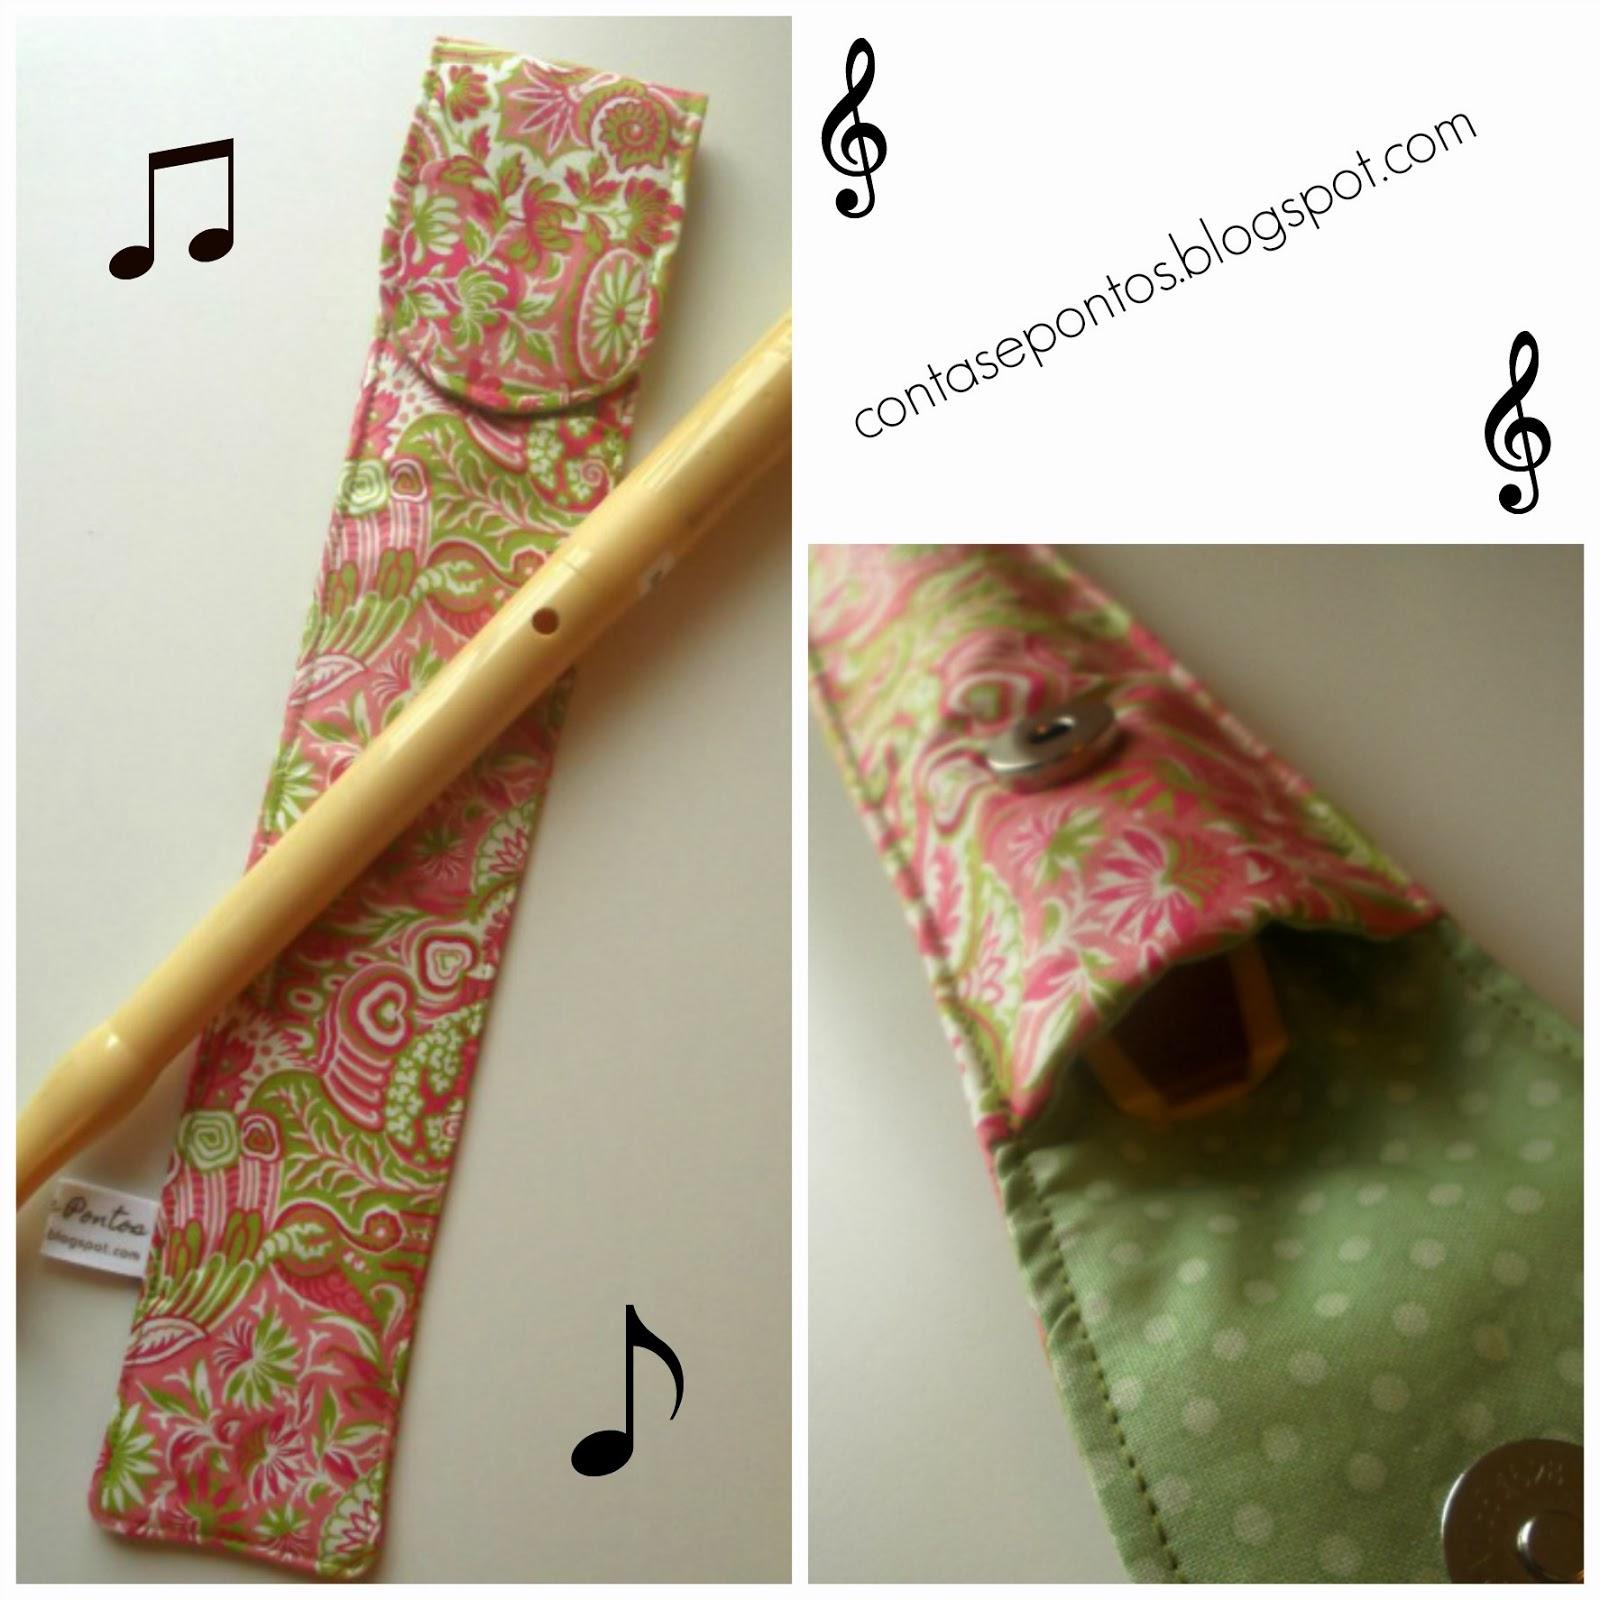 Capa de flauta em tecido